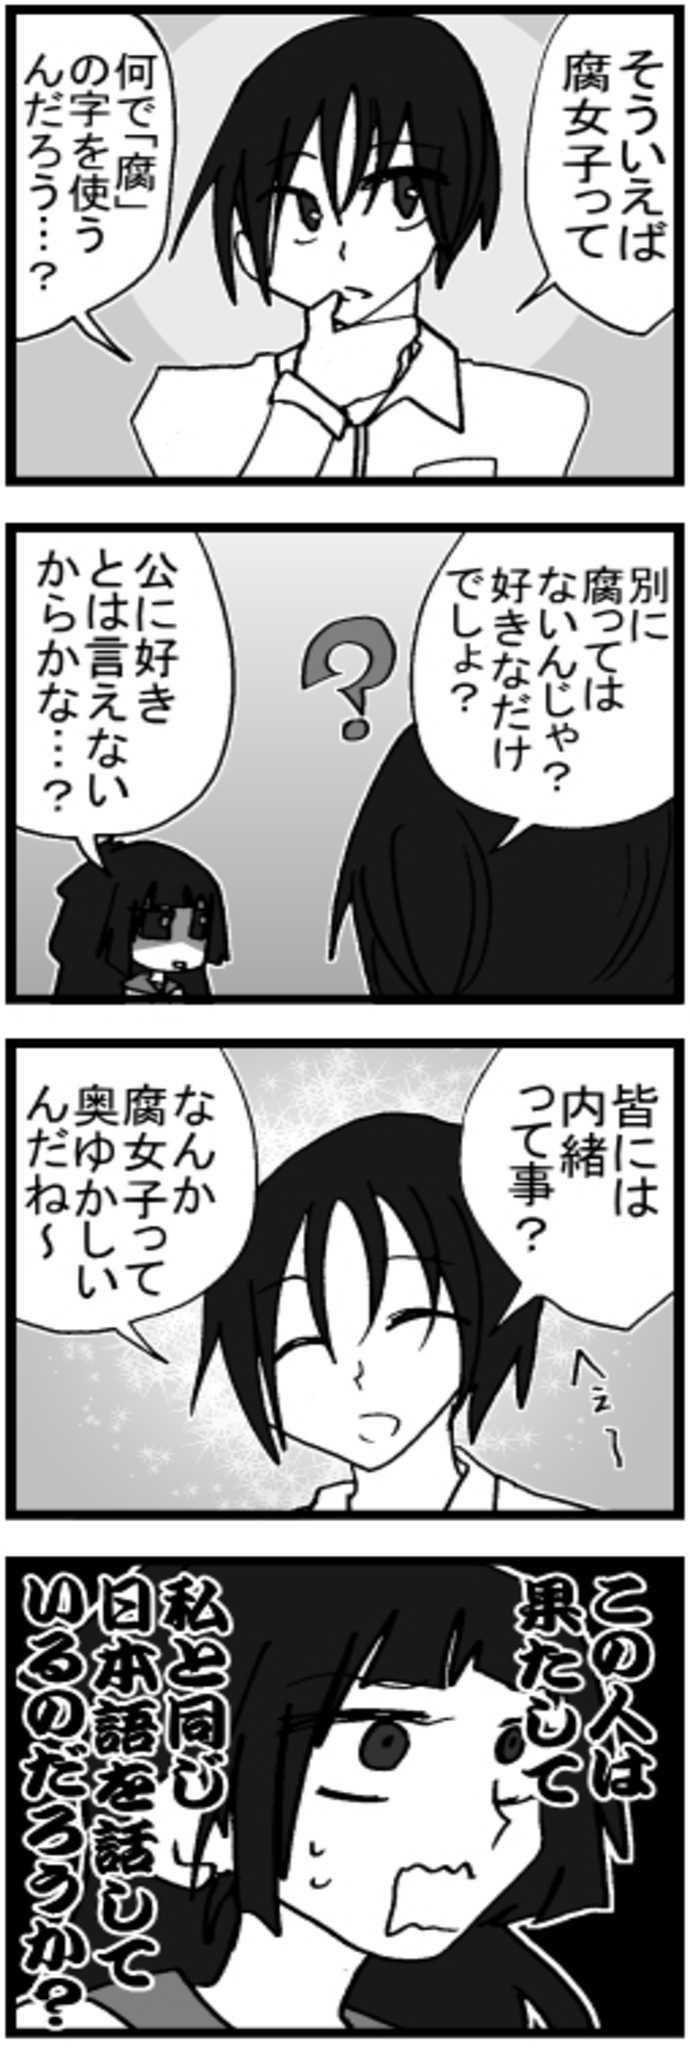 オマケ漫画「恋は盲目」